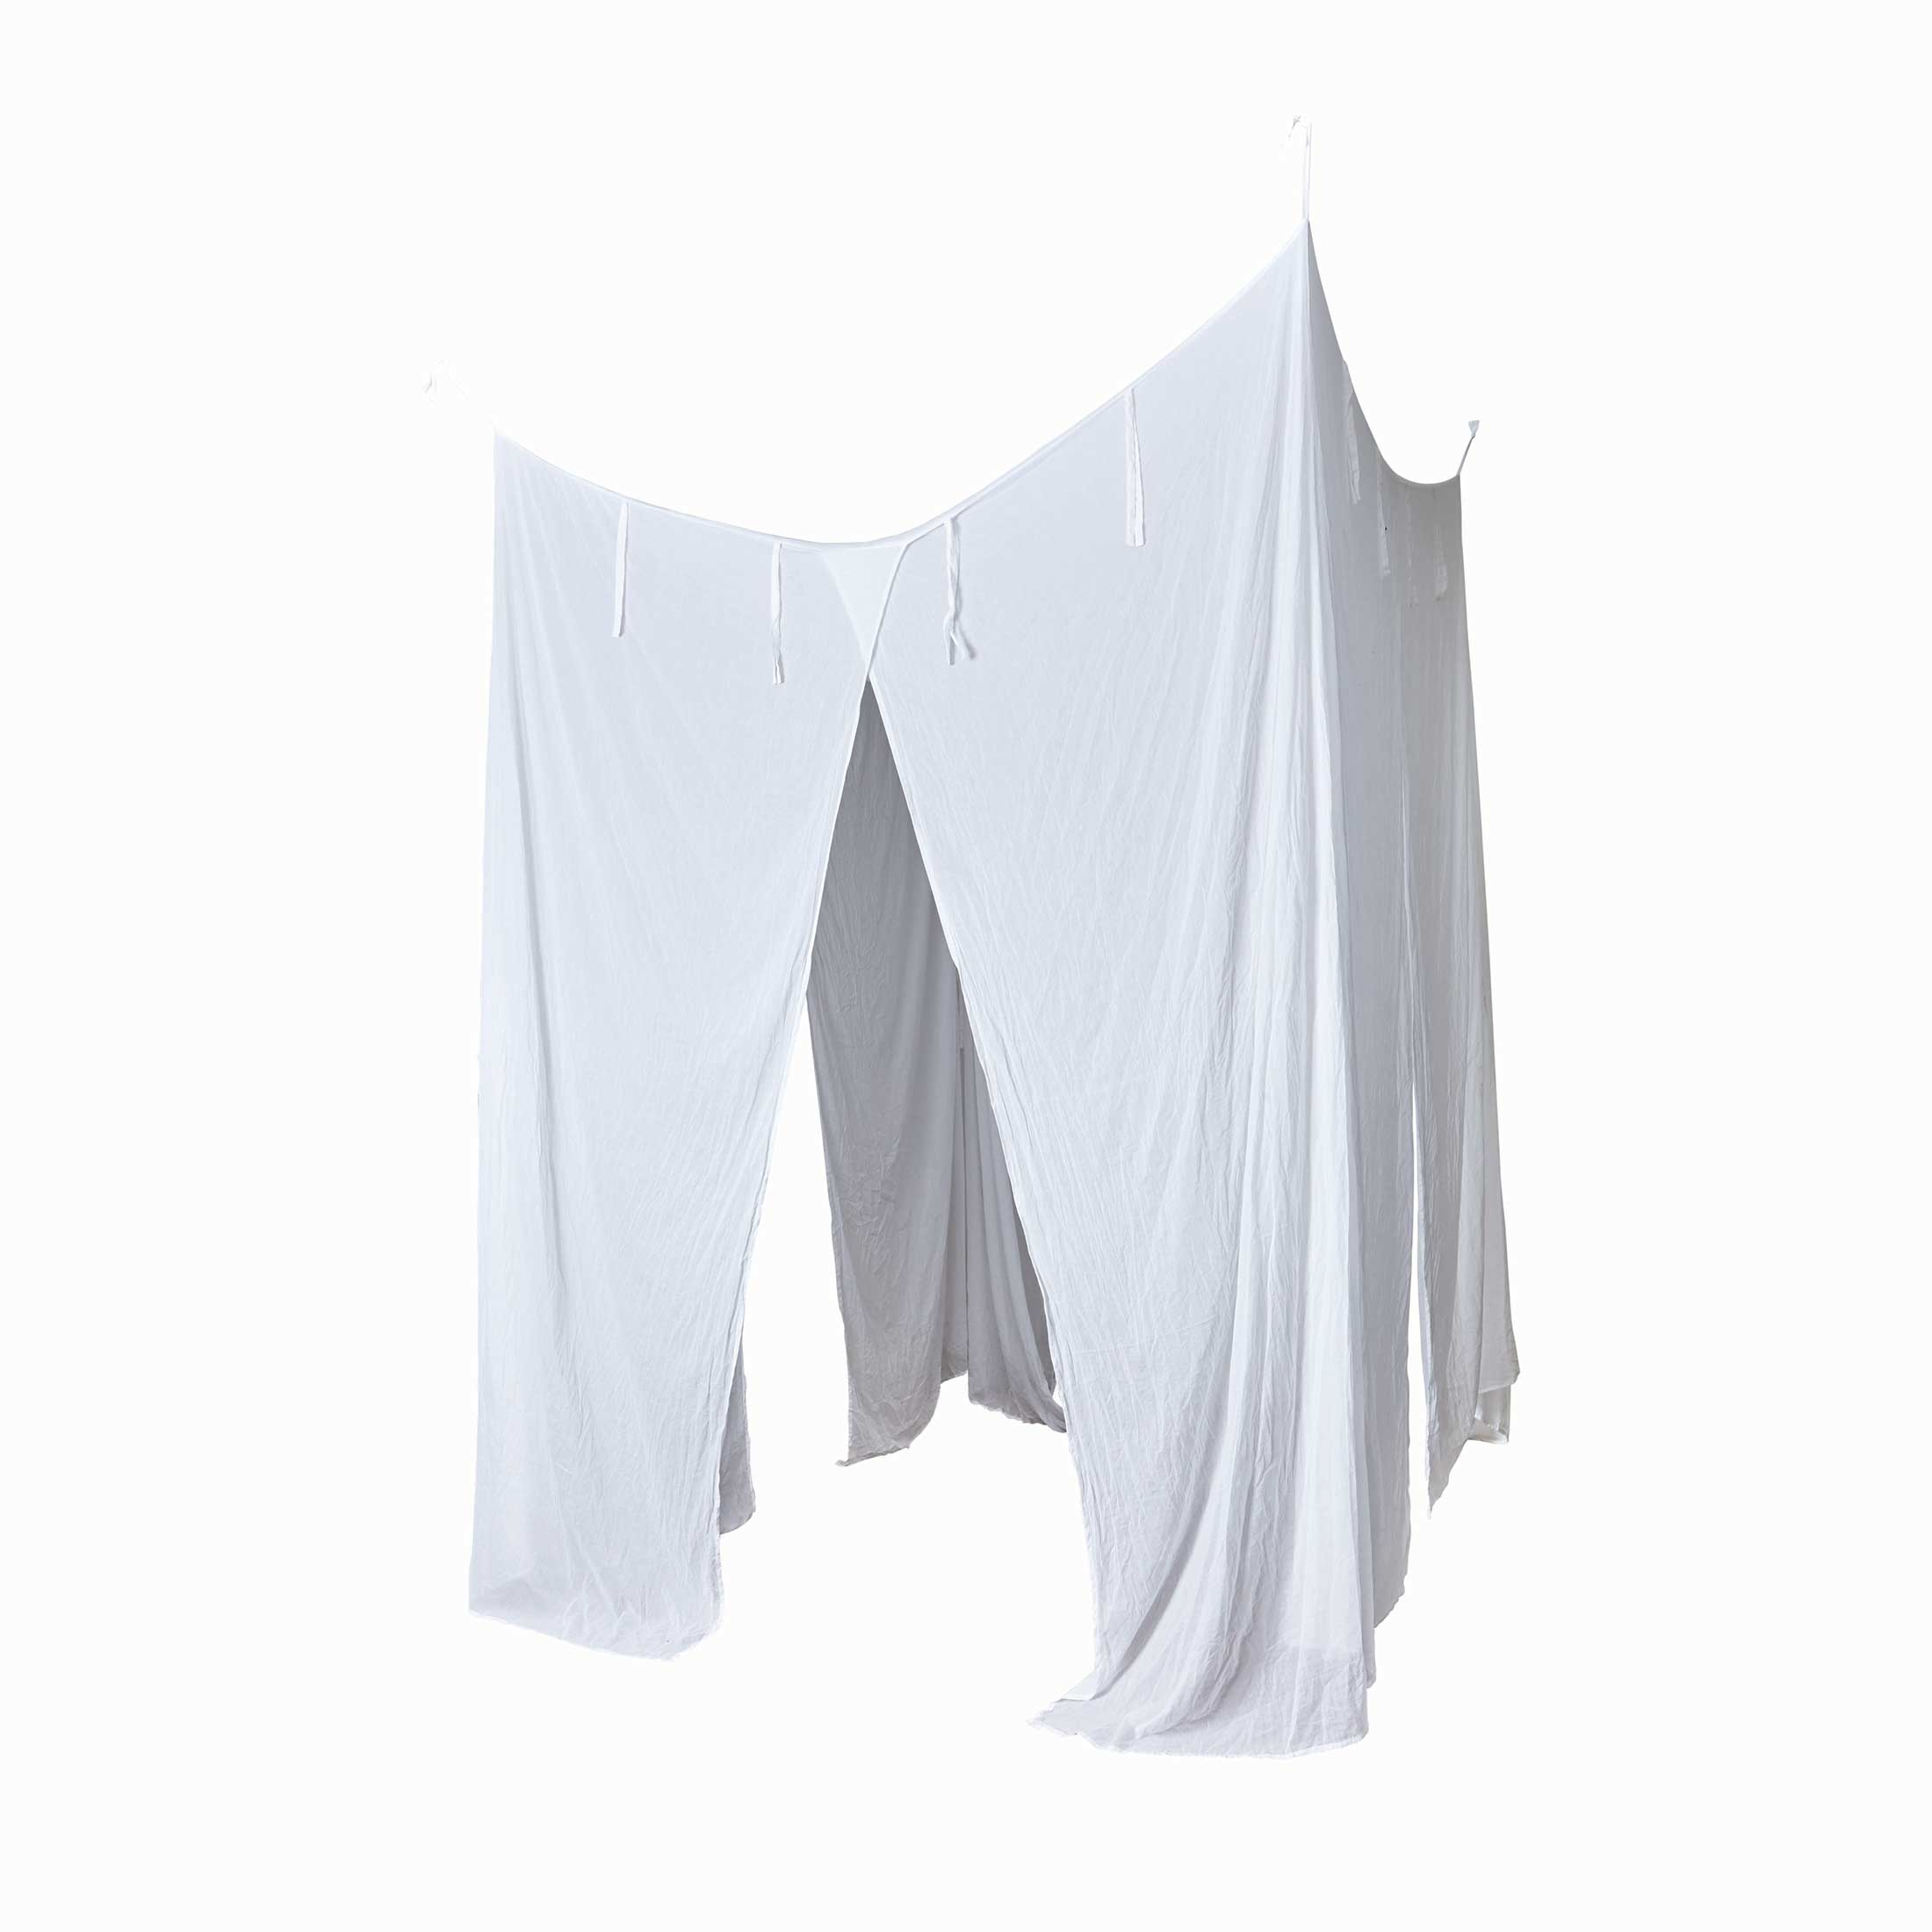 Betthimmel für das Schlafzimmer | Baldachin aus Stoff Weiss in 200 x 200 cm zum Aufhängen | Weißer Vorhang über dem Bett | Bettvorhang im Strandhaus Stil